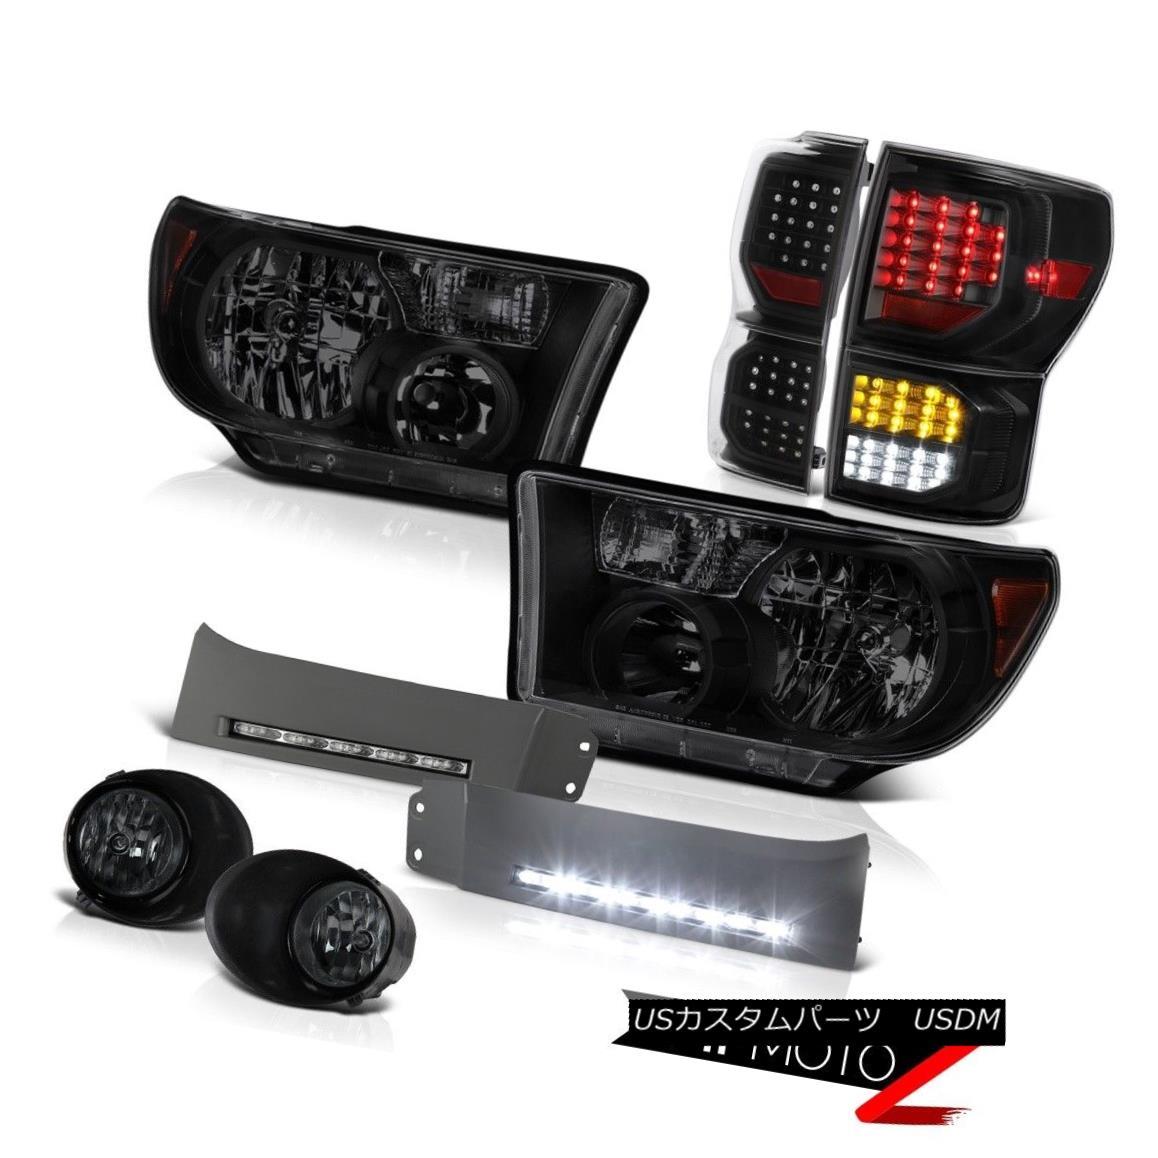 ヘッドライト 2007-2013 Toyota Tundra Limited Tail Lights Headlamps DRL Strip Smoked Fog SMD 2007-2013 Toyota Tundra LimitedテールライトヘッドランプDRLストリップスモークフォグSMD